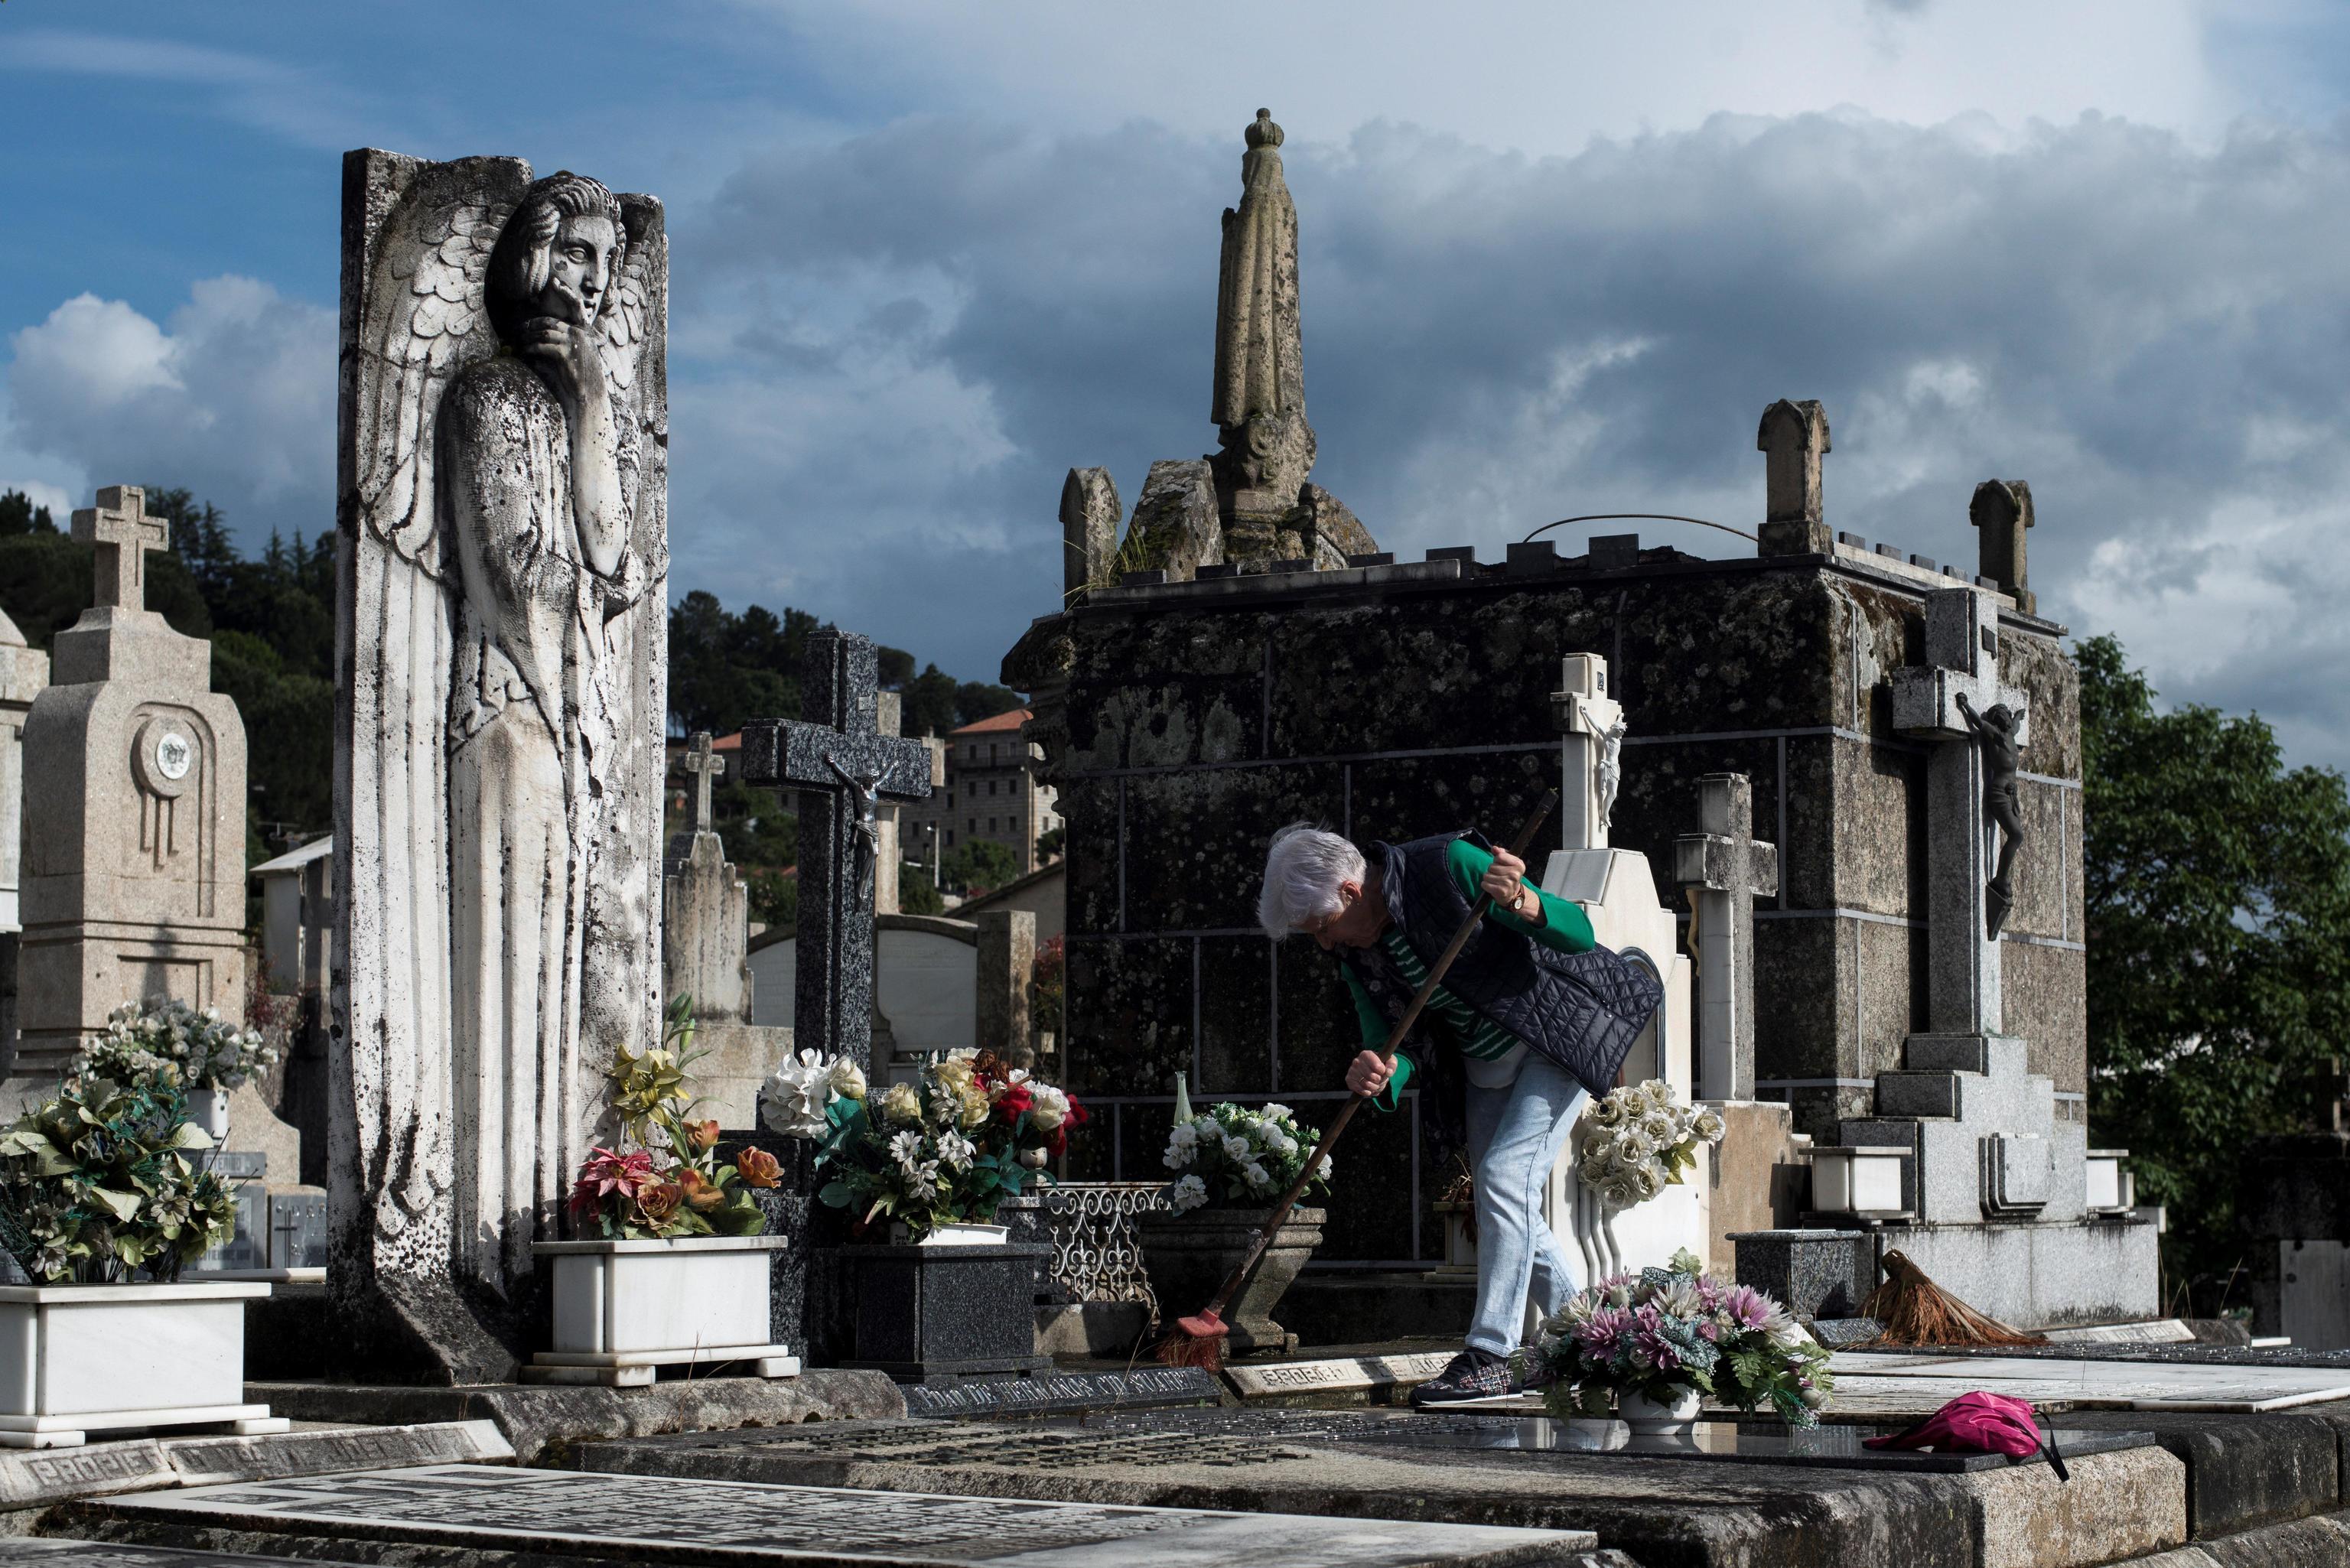 Une femme effectue des travaux de nettoyage dans le cimetière de San Francisco à Ourense.